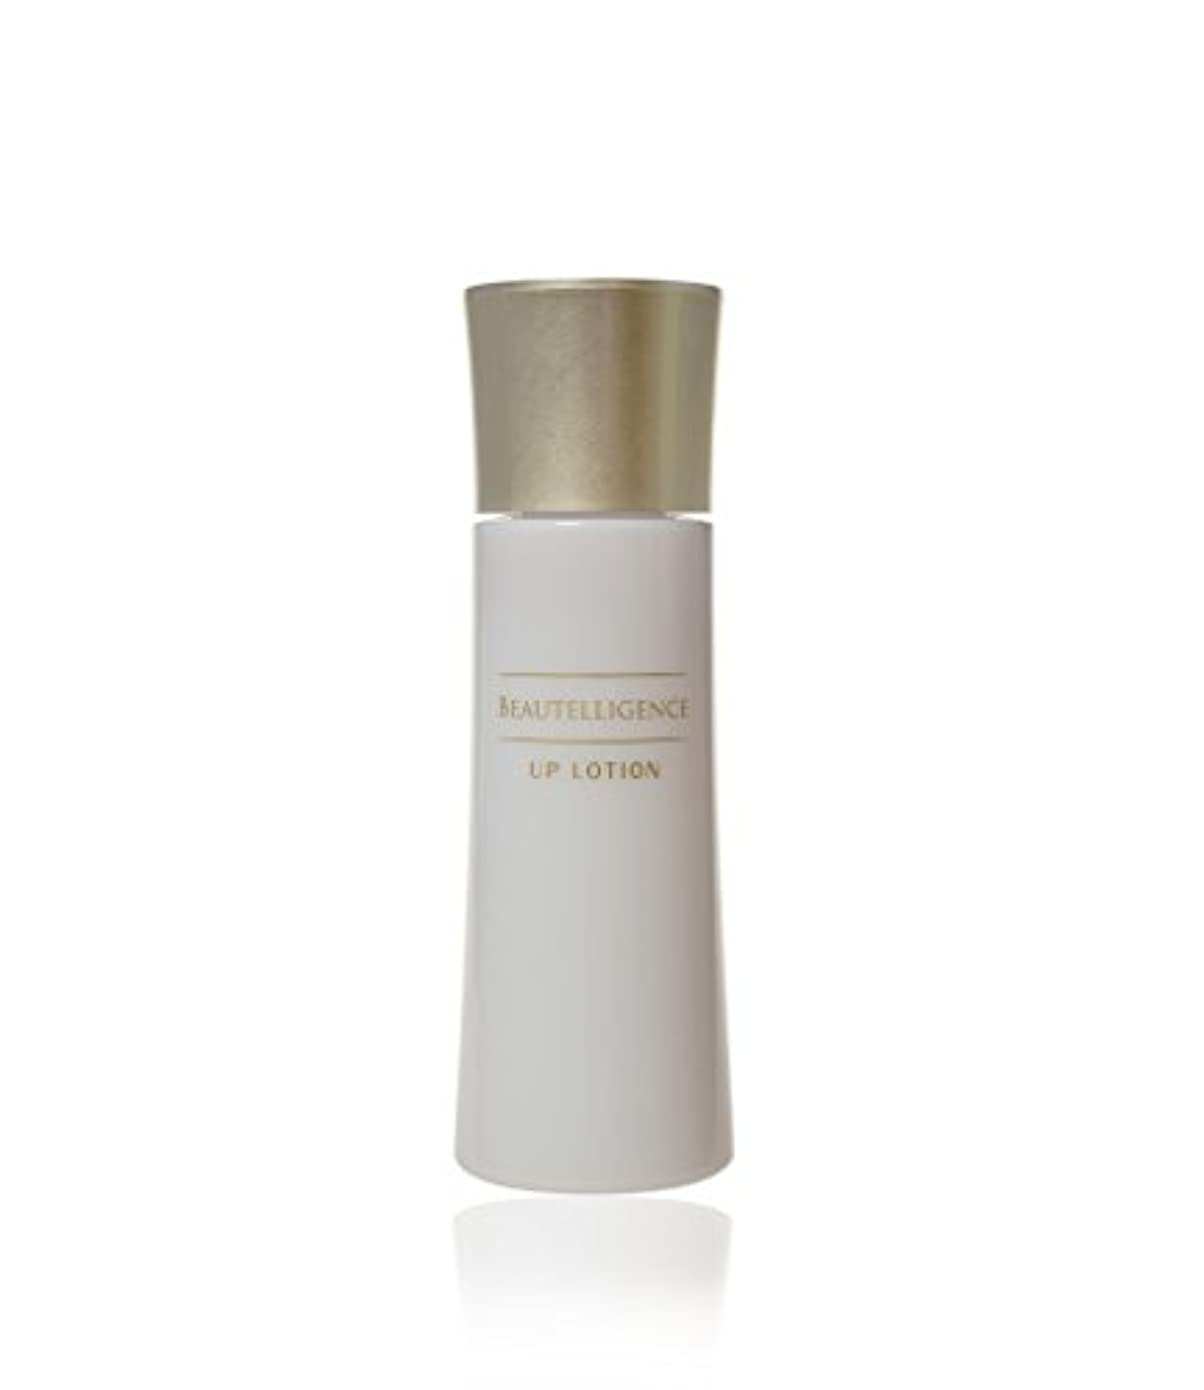 ブラジャー日帰り旅行にのみ[ アップローション ] ひきしめ 化粧水 美容液 ハリ NEWA オシリフト グリシルグリシン エイジングケア